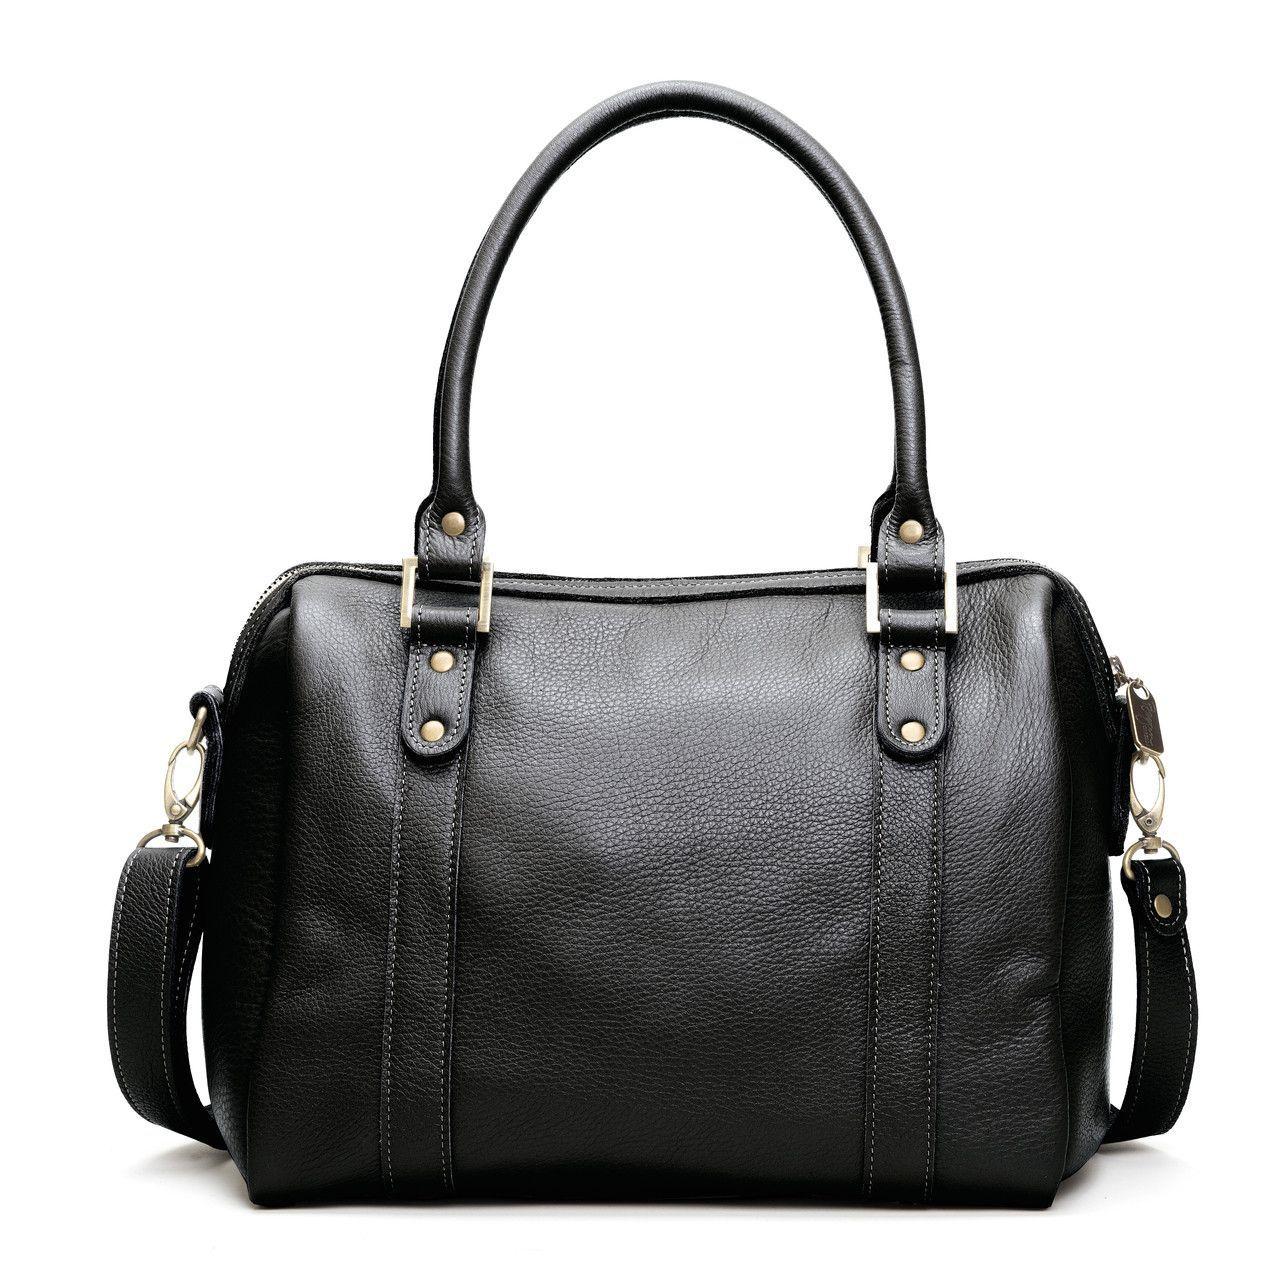 Angi Leather Satchel